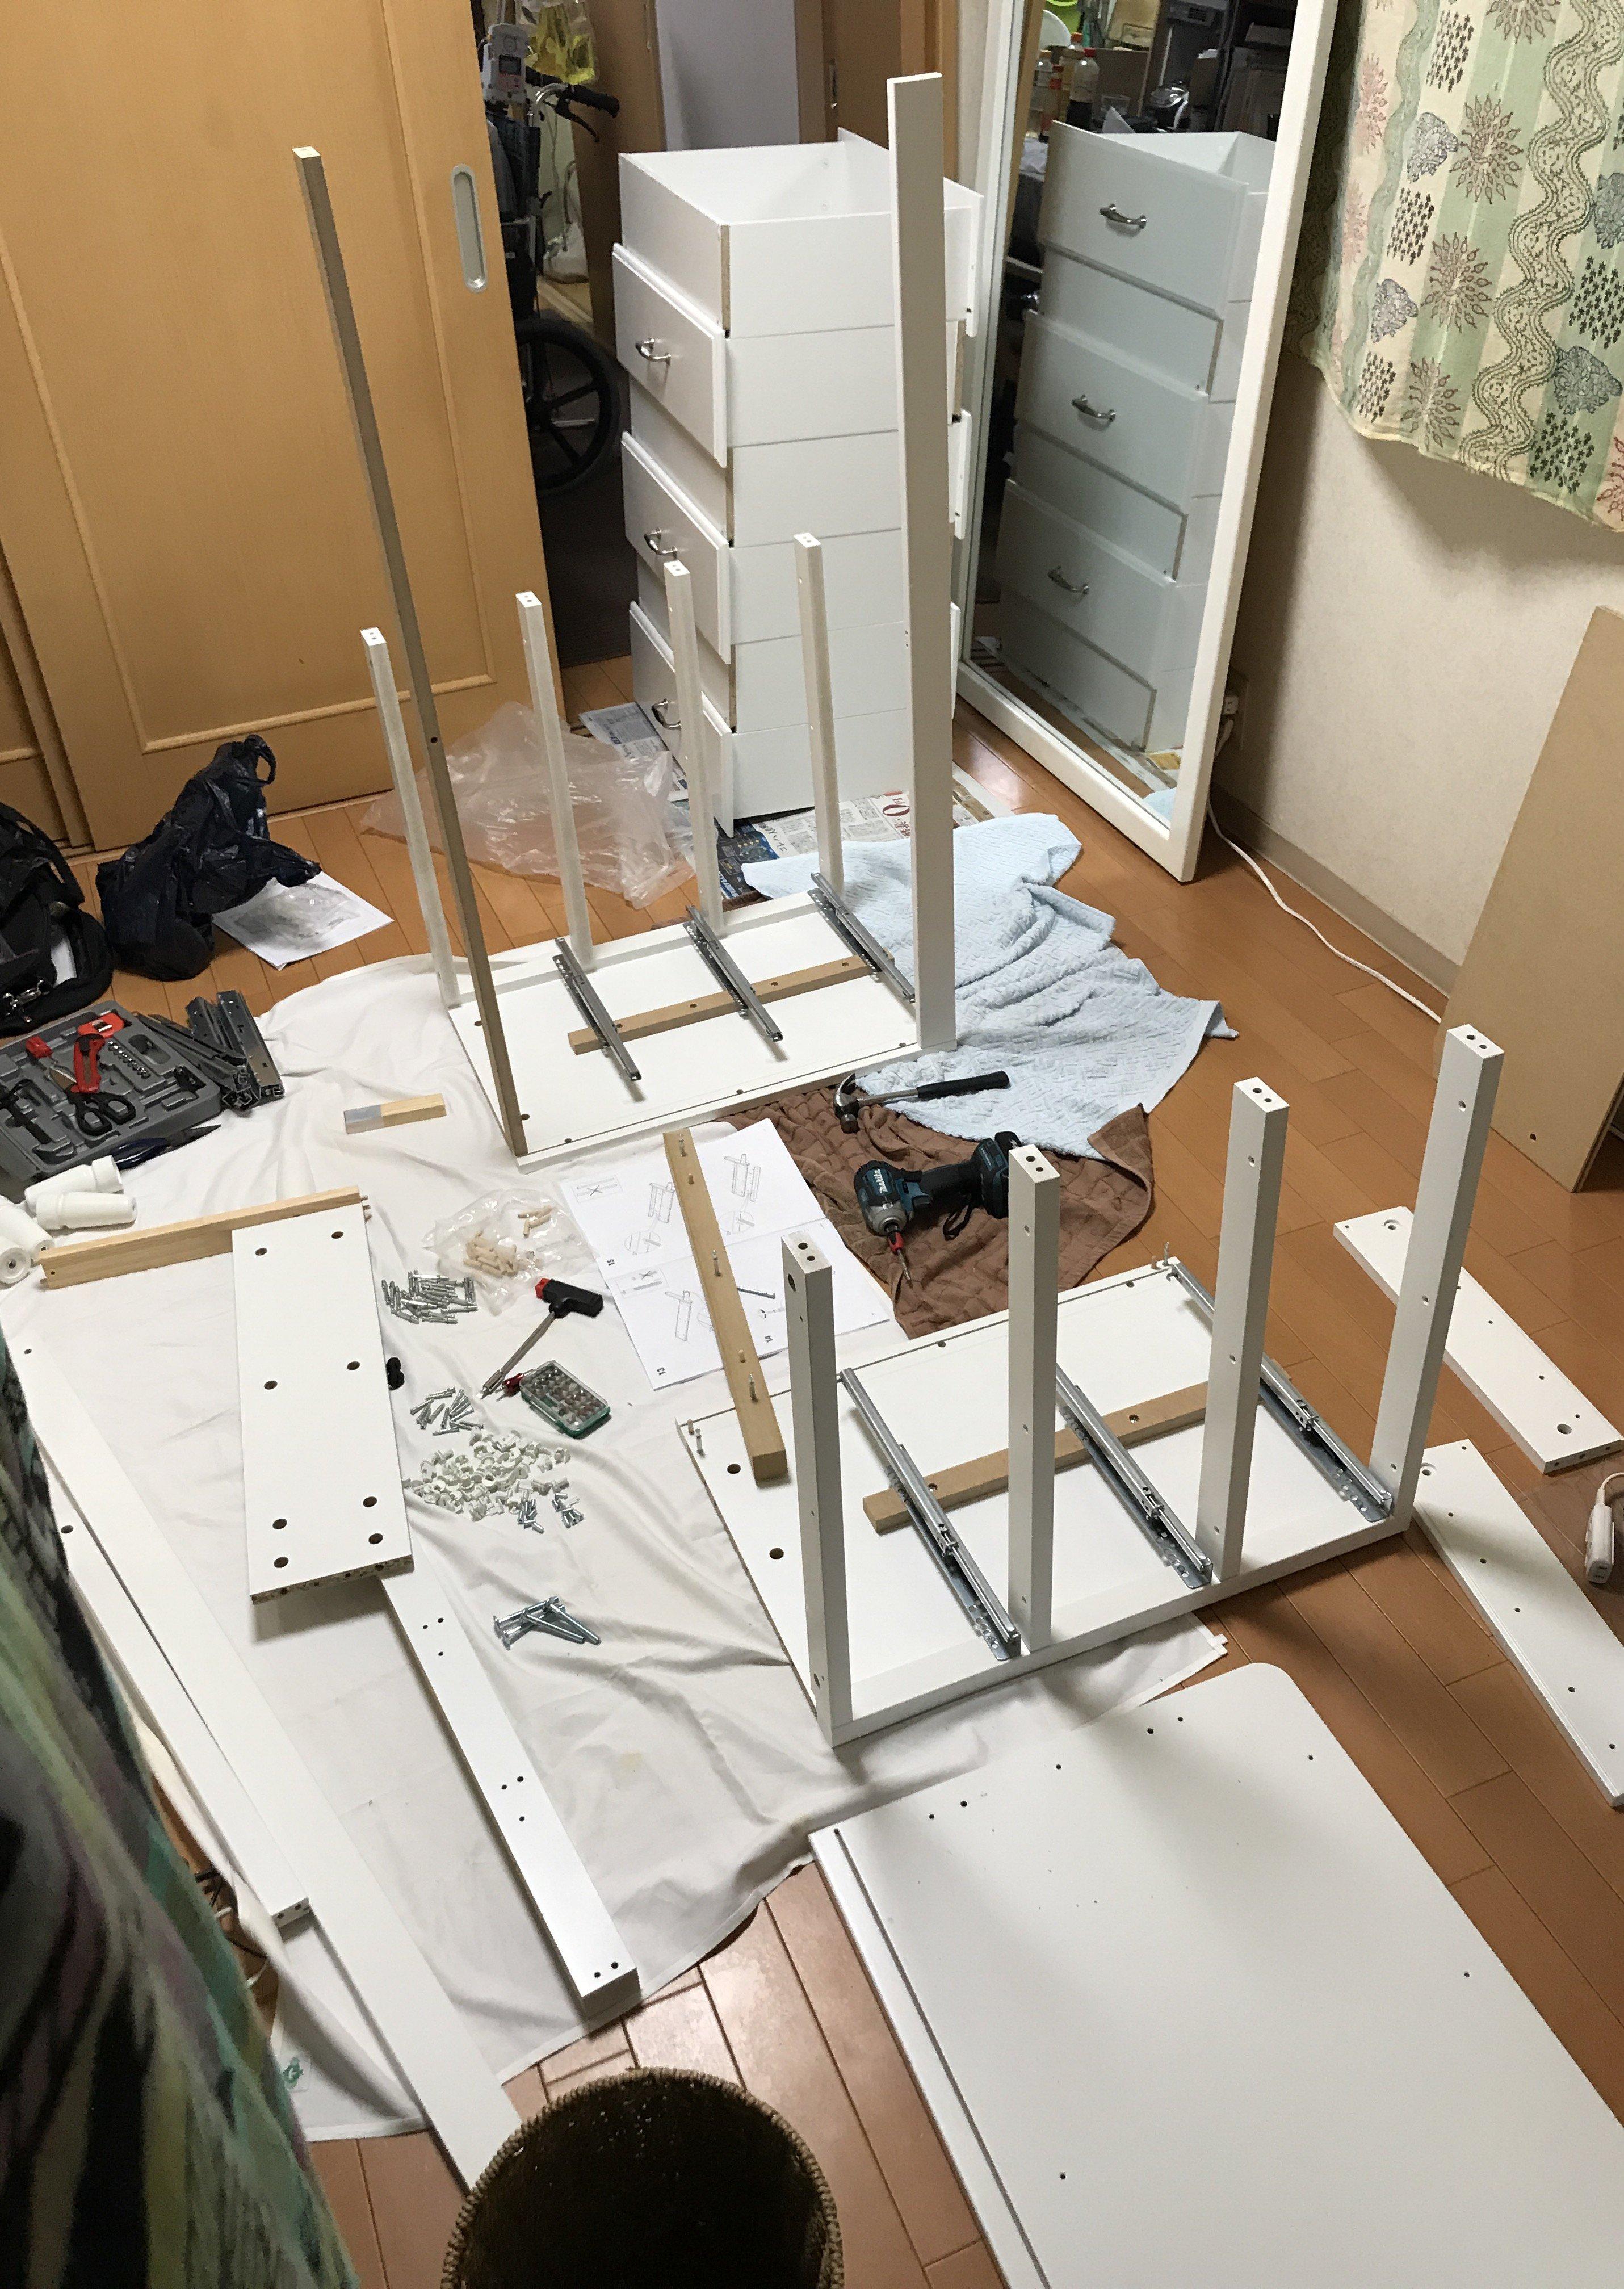 家具組み立てサービス 3辺合計 401~500センチ または 複数 1時間以内(通販家具:IKEA、ニッセン、ニトリ、ディノス、その他)のイメージその4